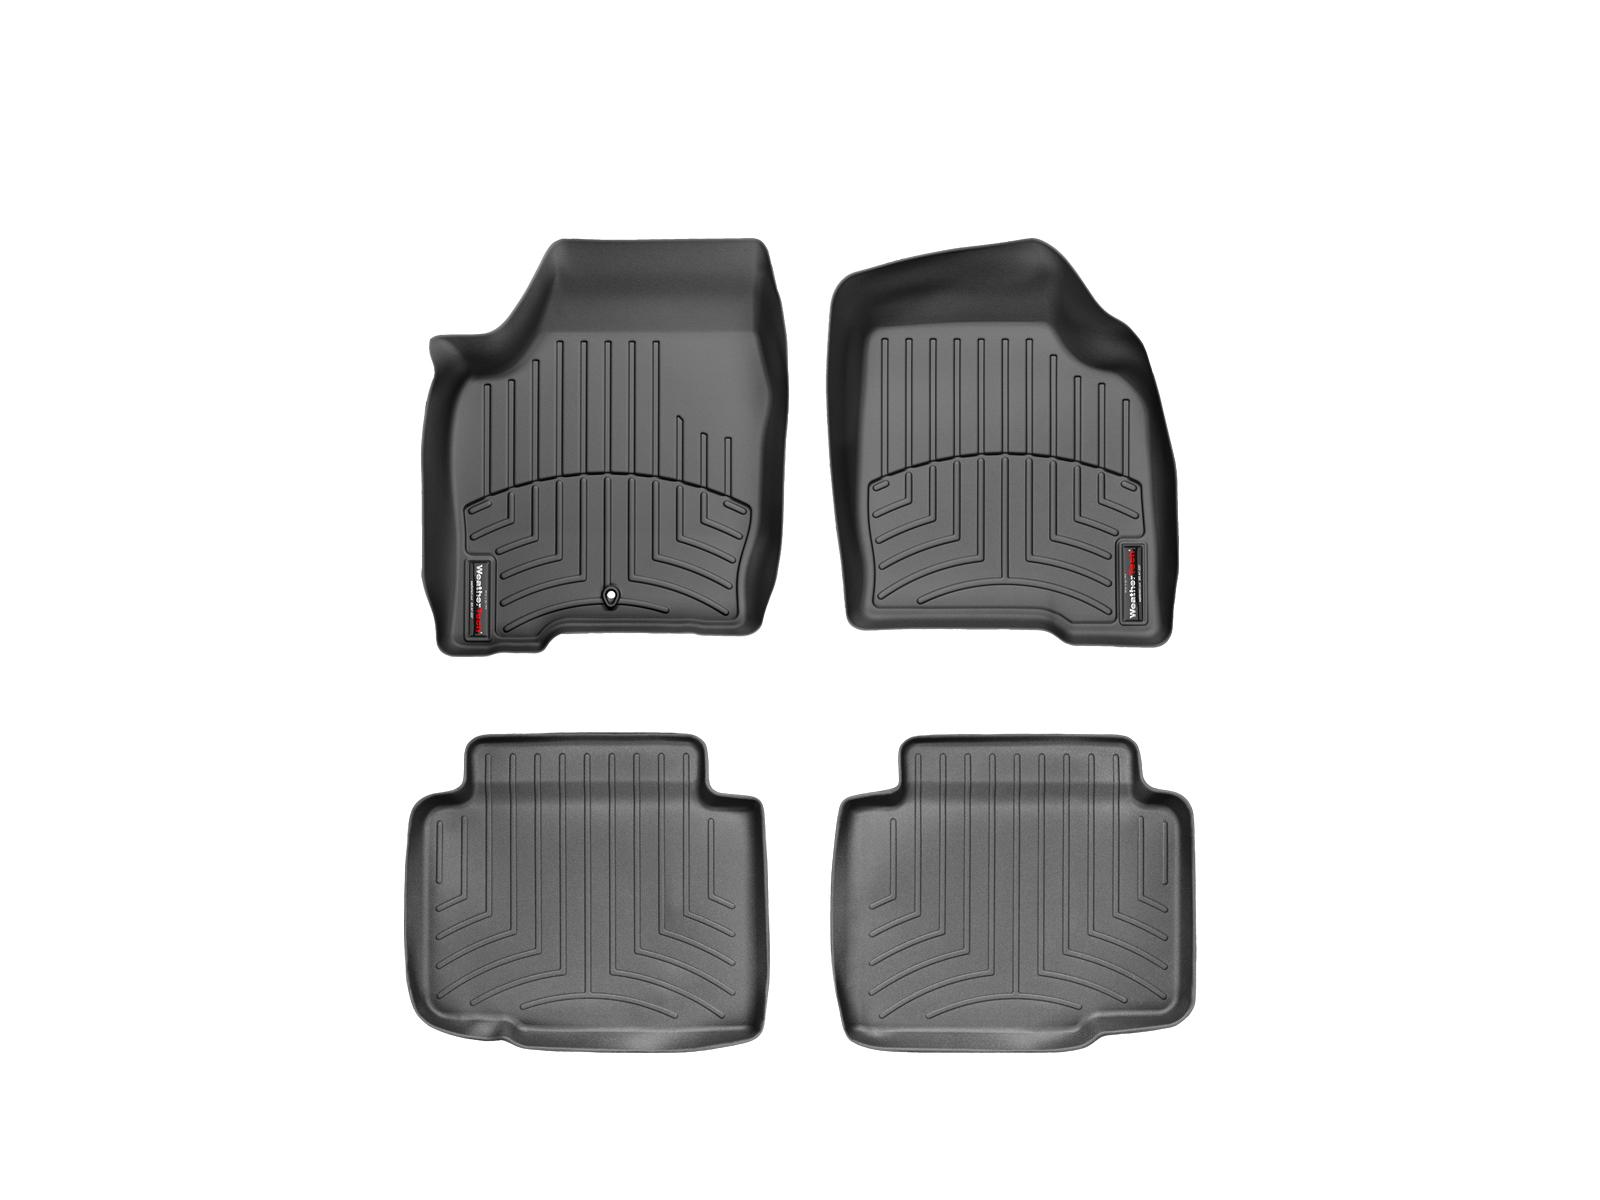 Tappeti gomma su misura bordo alto Chevrolet Impala 06>13 Nero A131